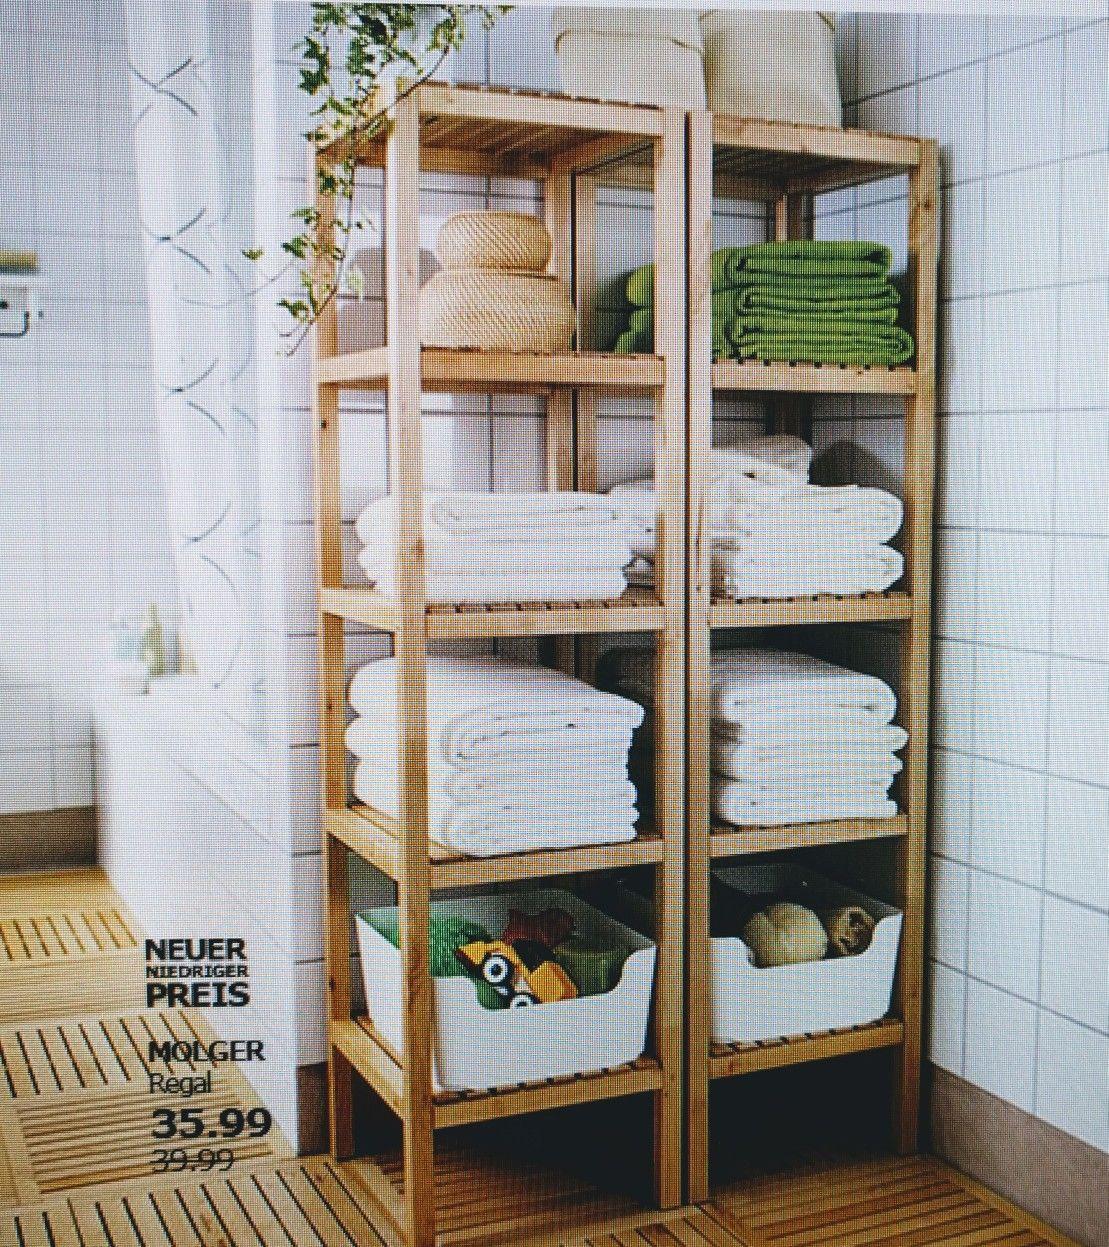 pin von shannon holt auf bathroom design ideas | pinterest | möbel